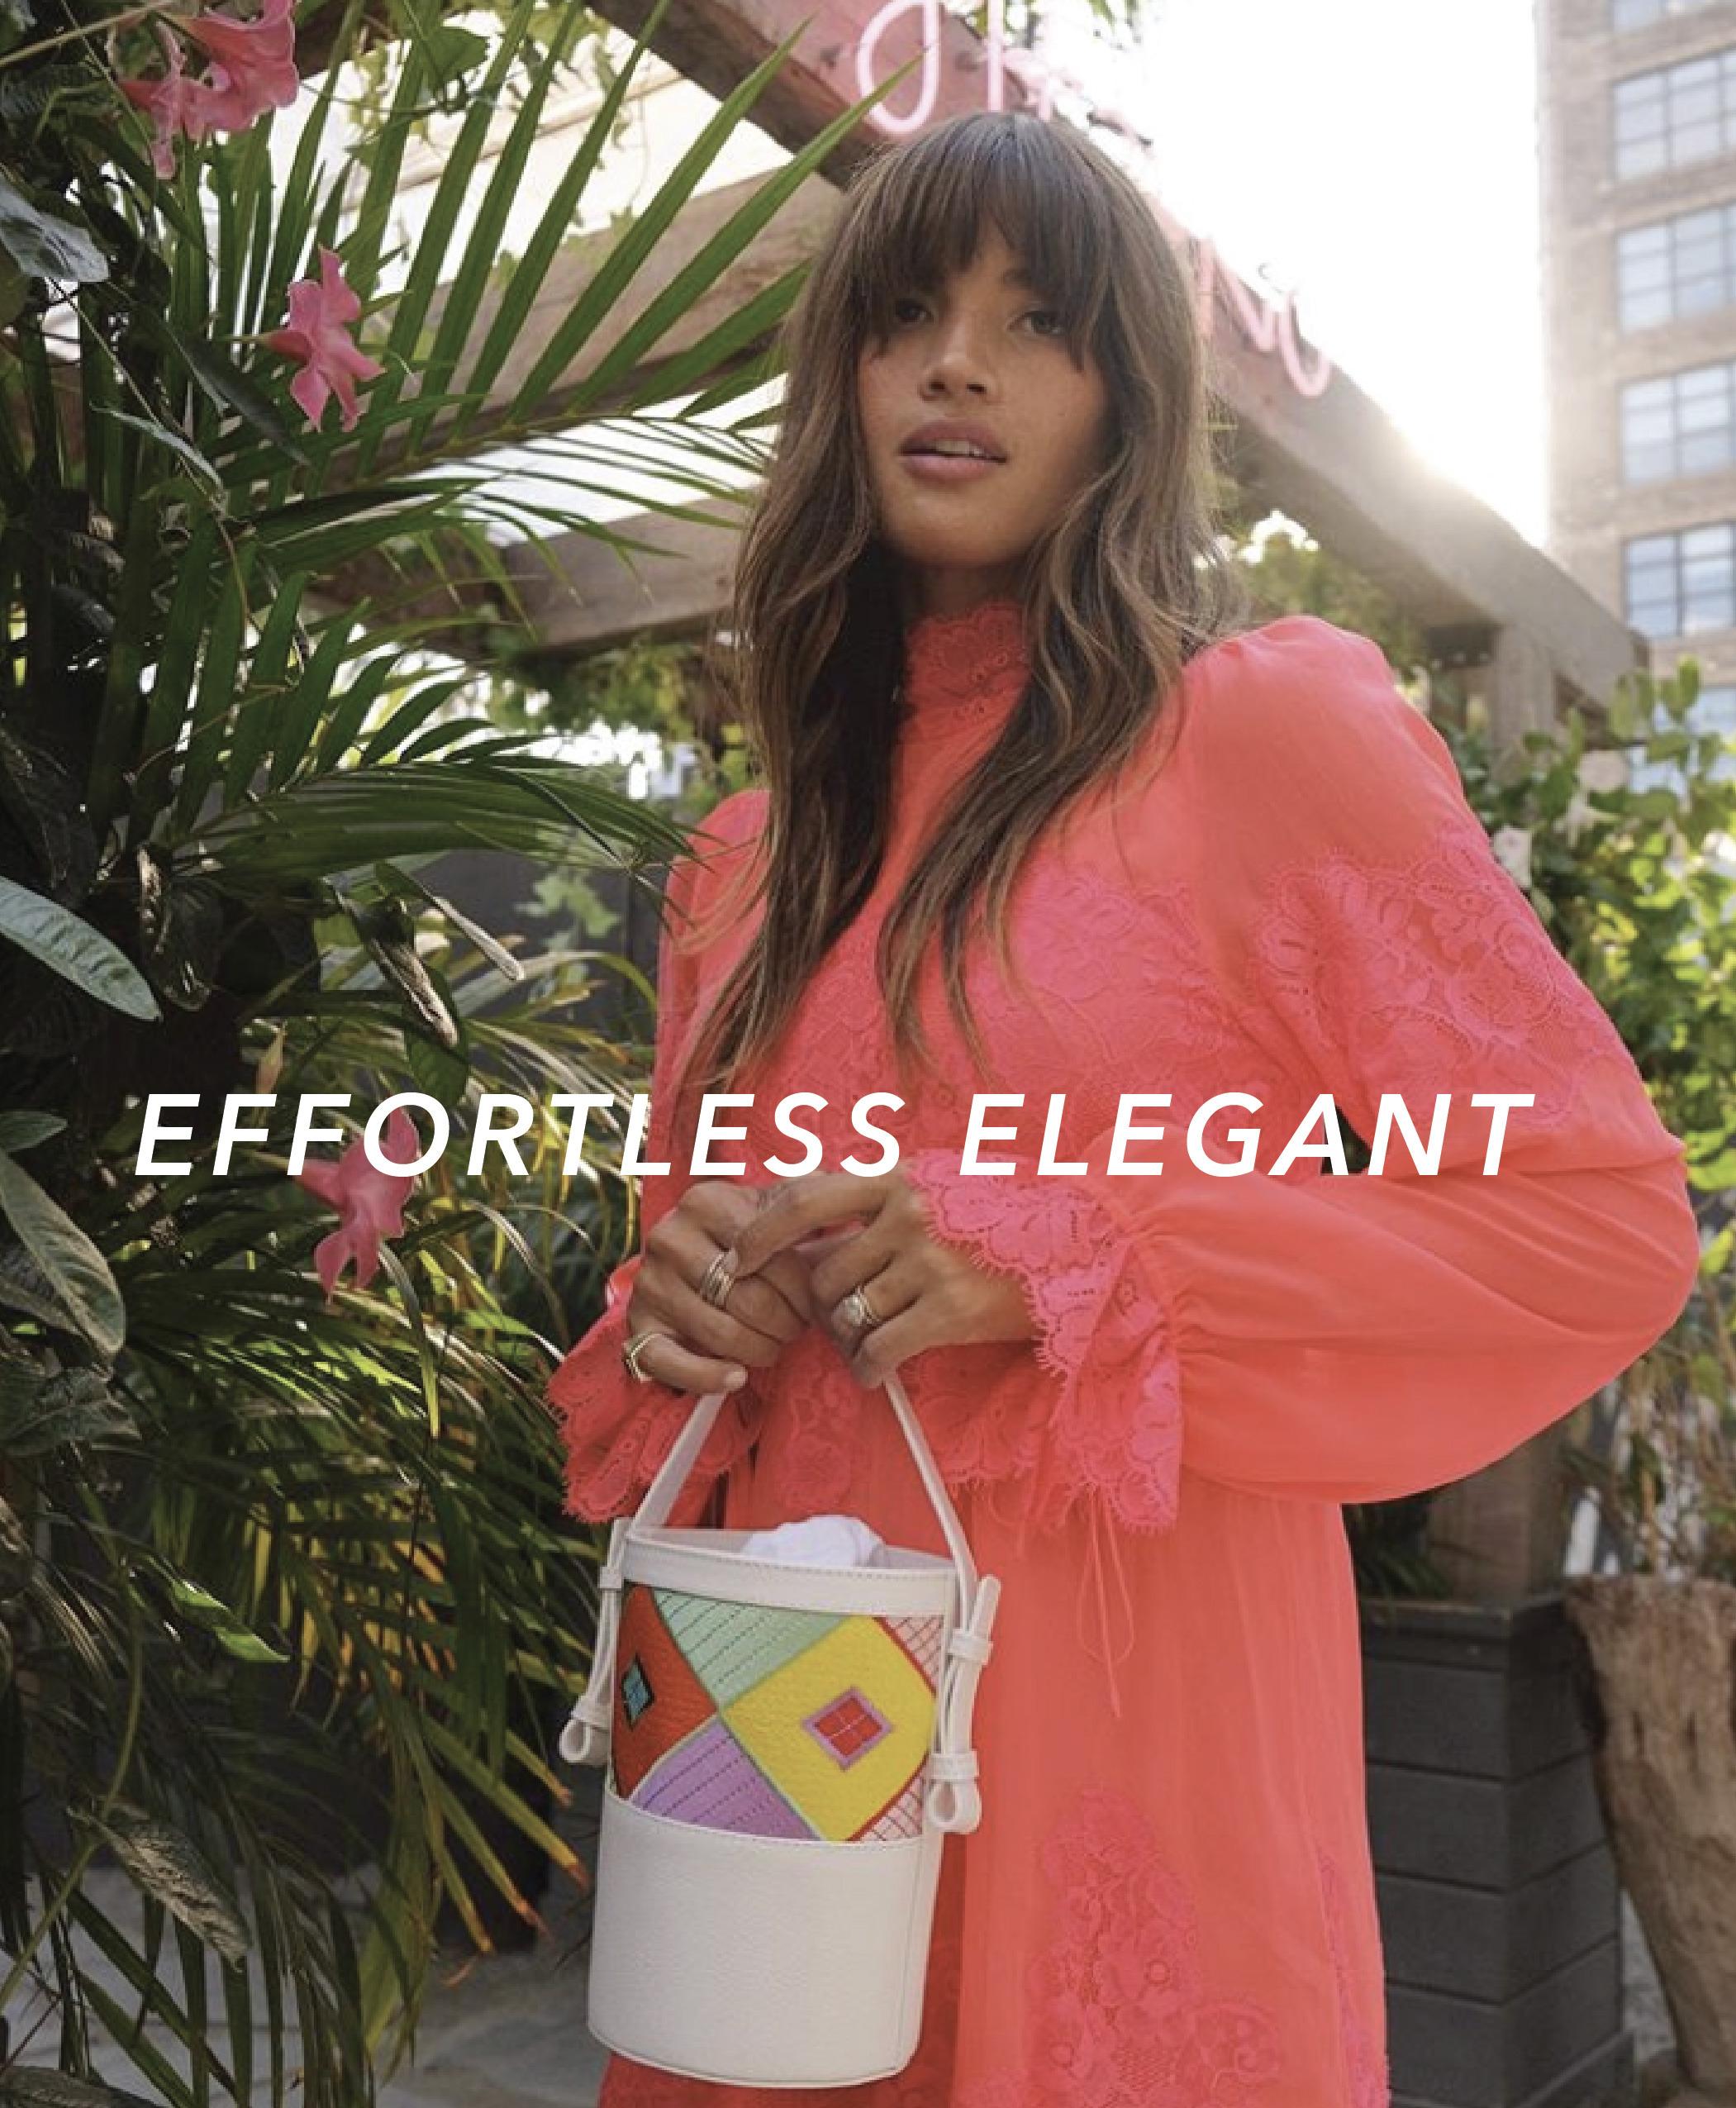 effortlessly elegant